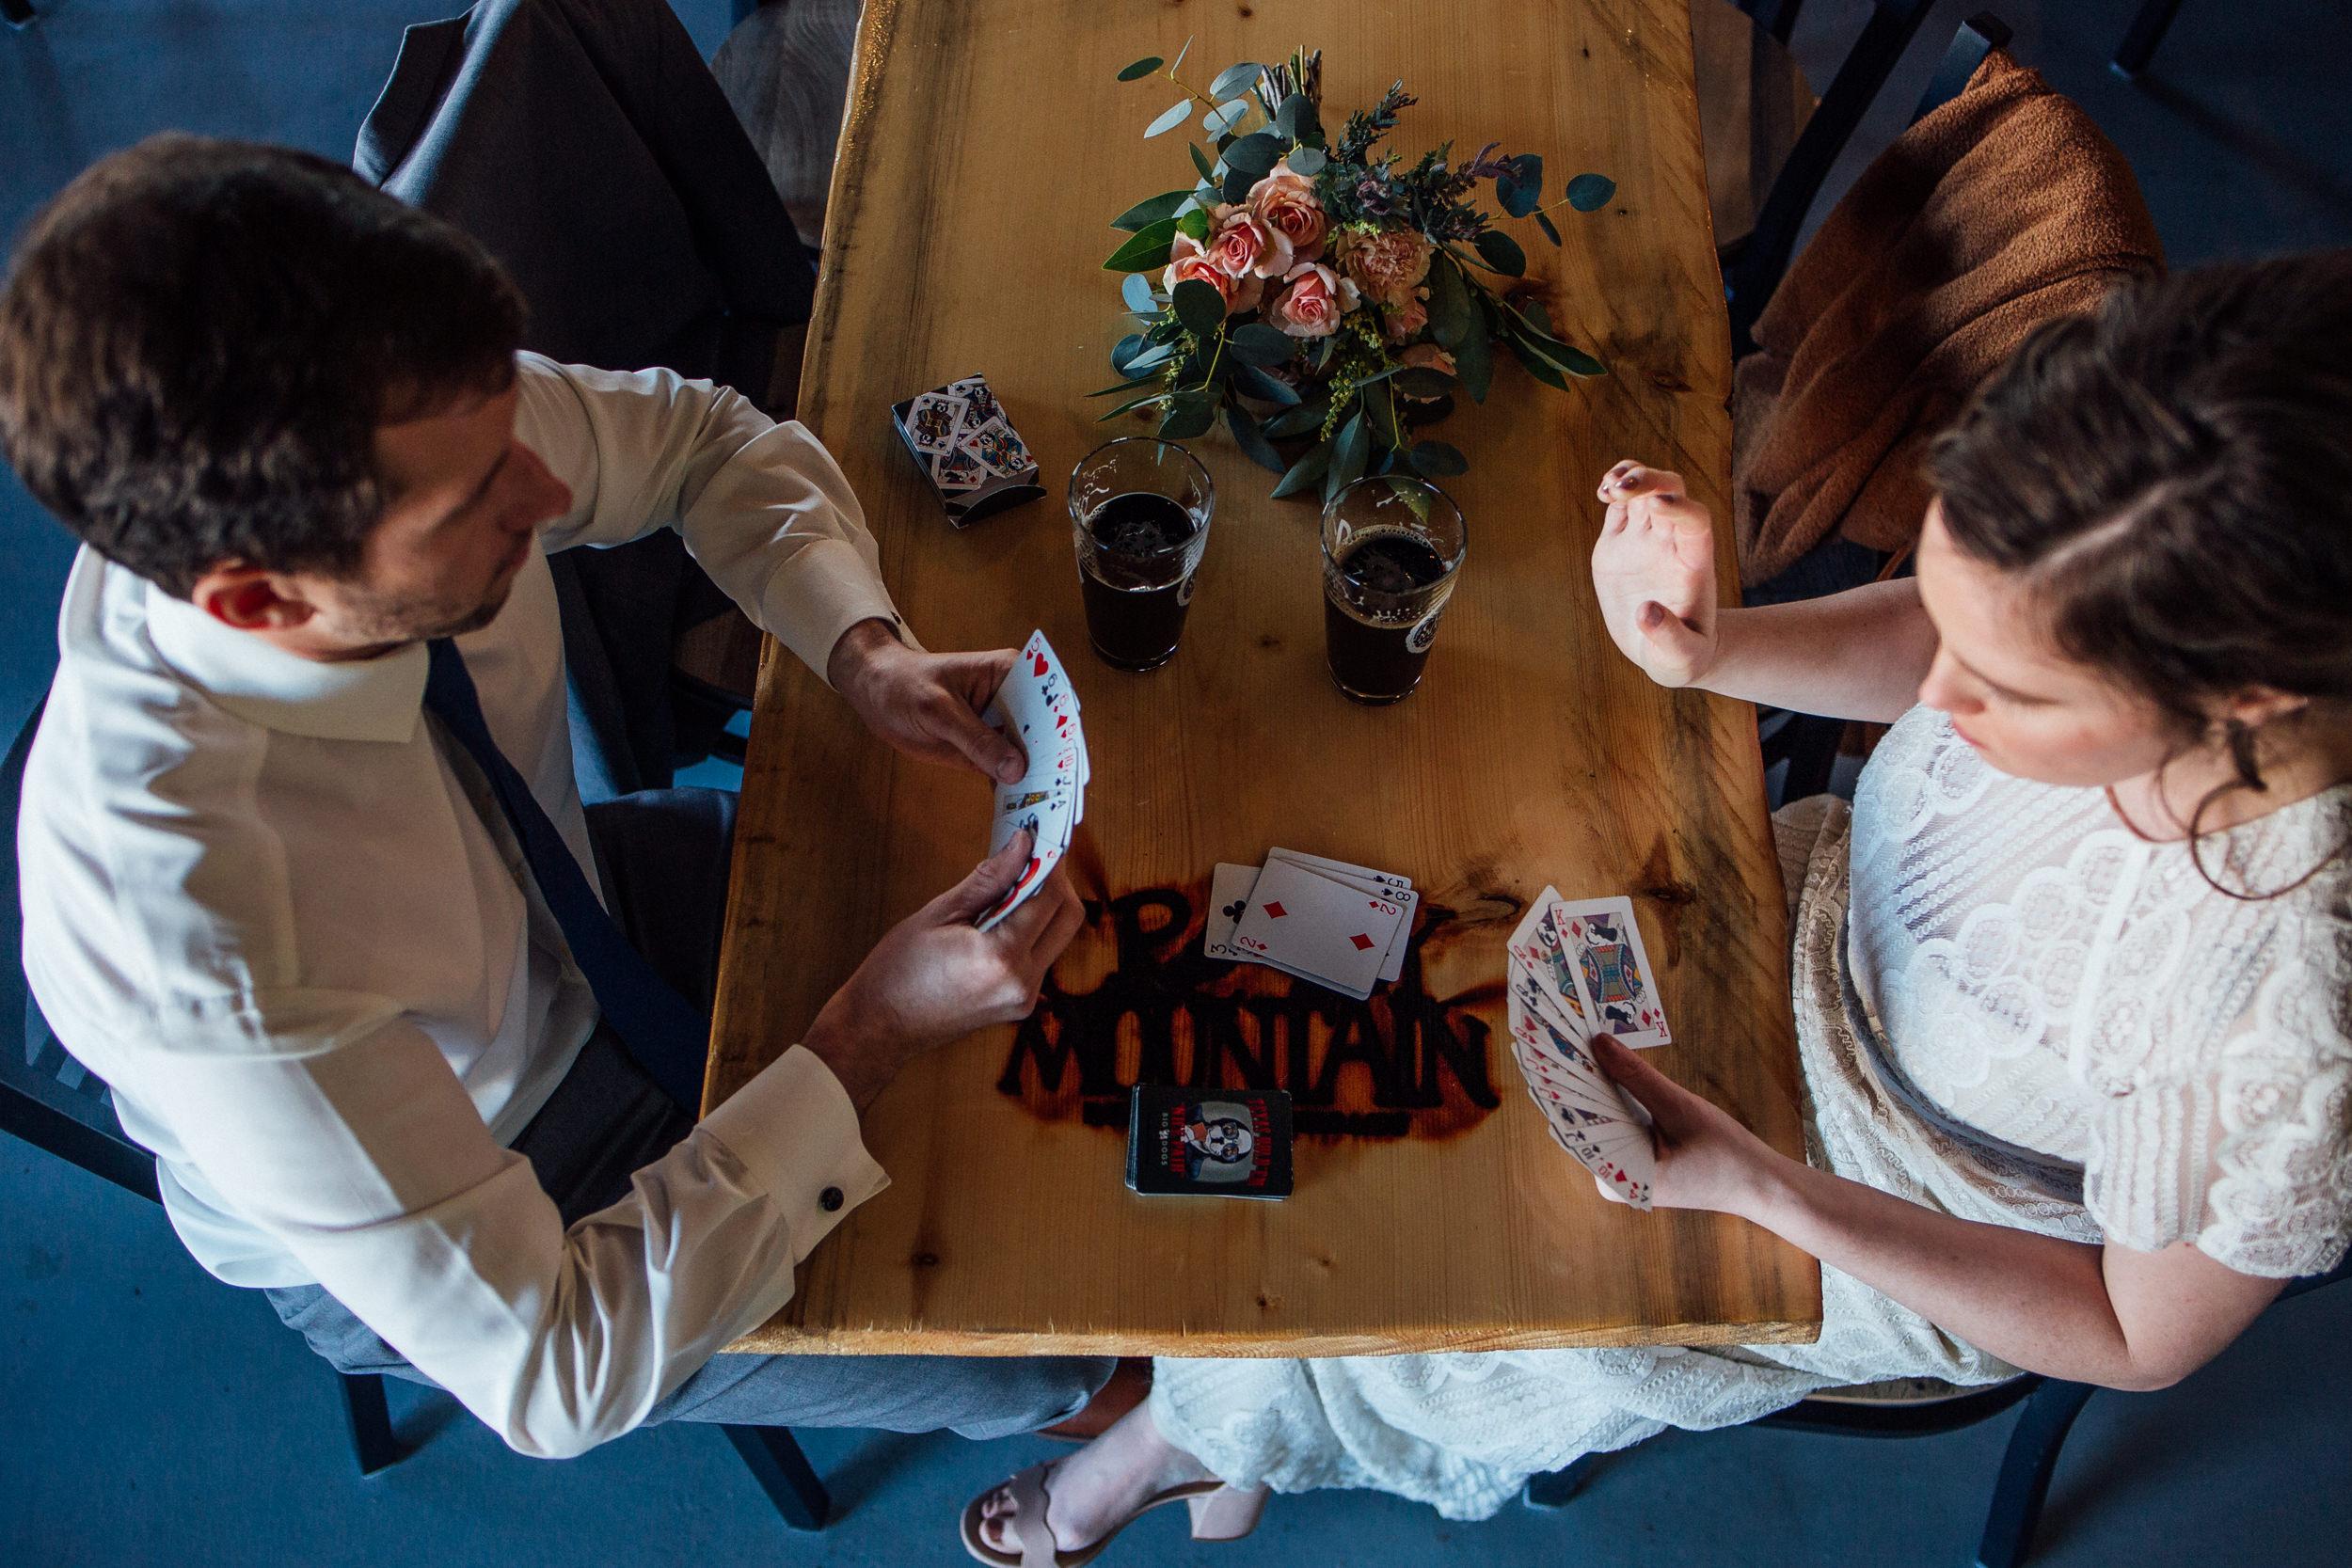 Denver Brewery birds eye view-Colorado Wedding Photographer